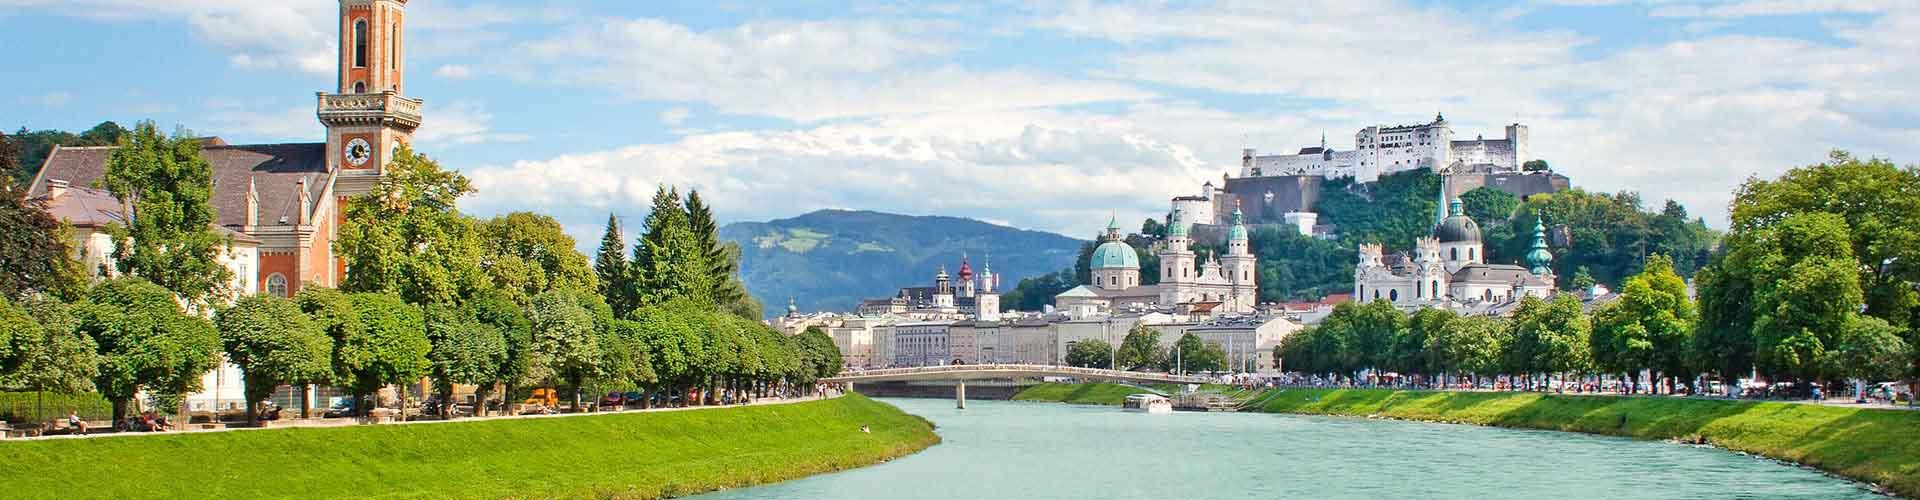 Salzburgo - Albergues Juveniles en Salzburgo. Mapas de Salzburgo, Fotos y Comentarios para cada Albergue Juvenil en Salzburgo.